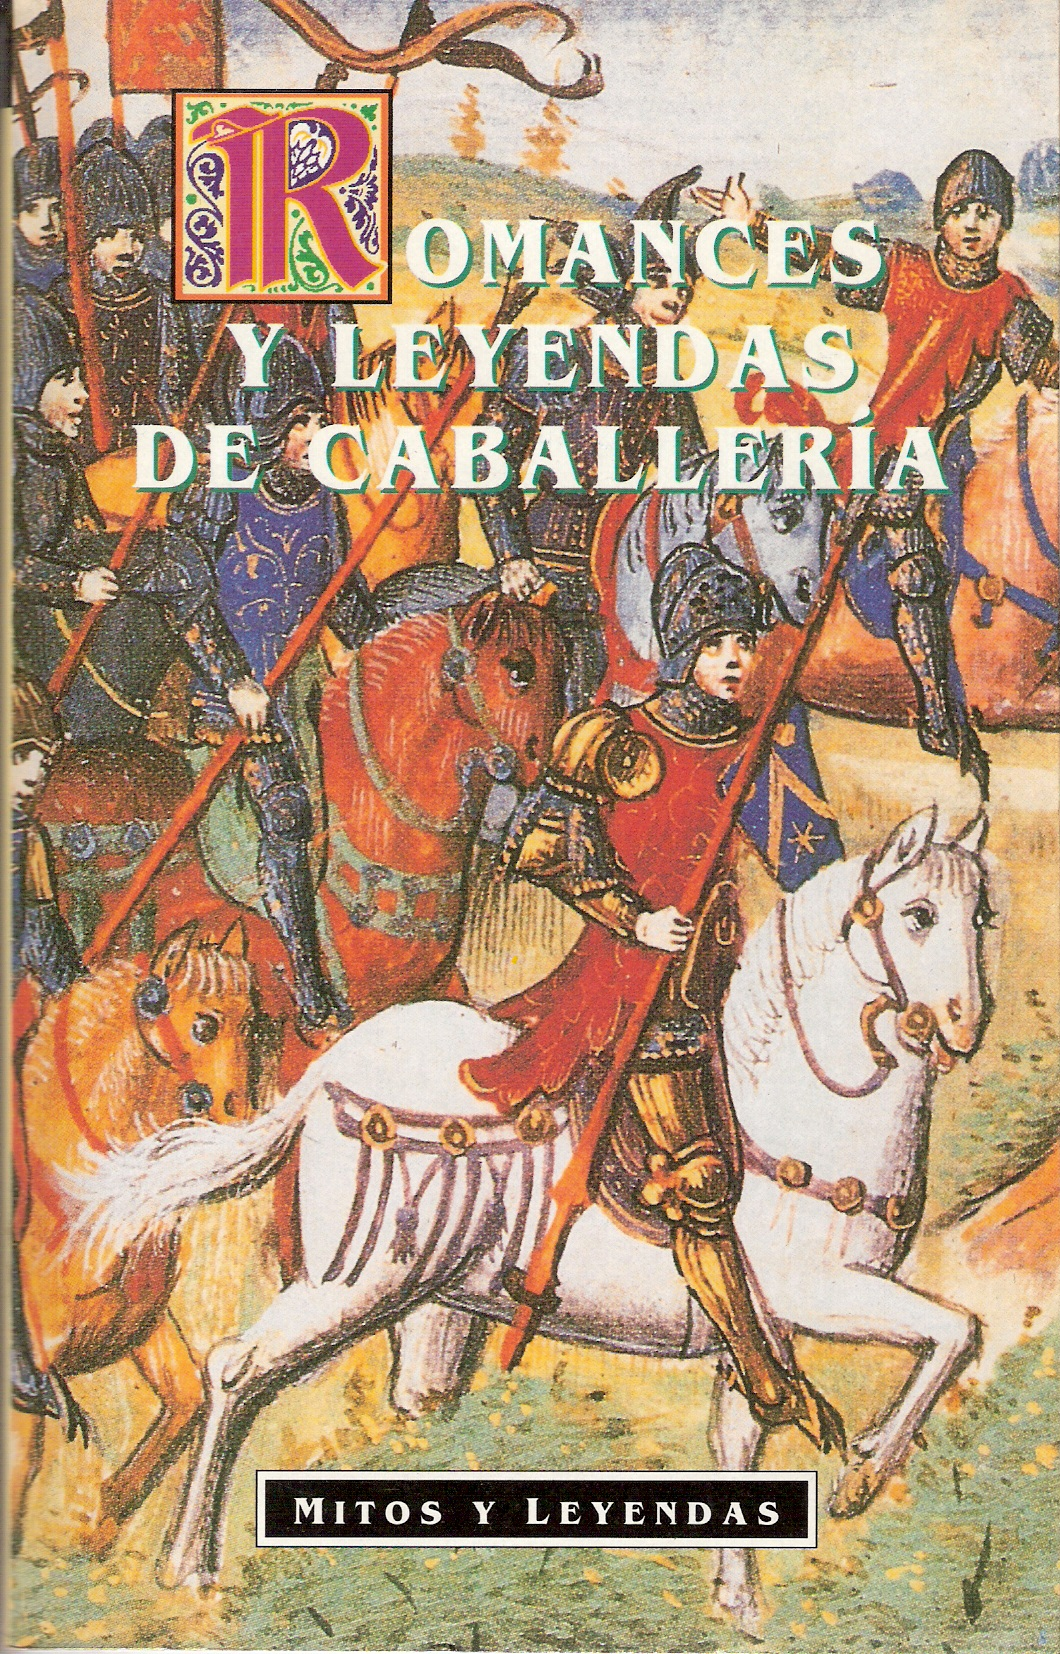 Romances y leyendas de caballería